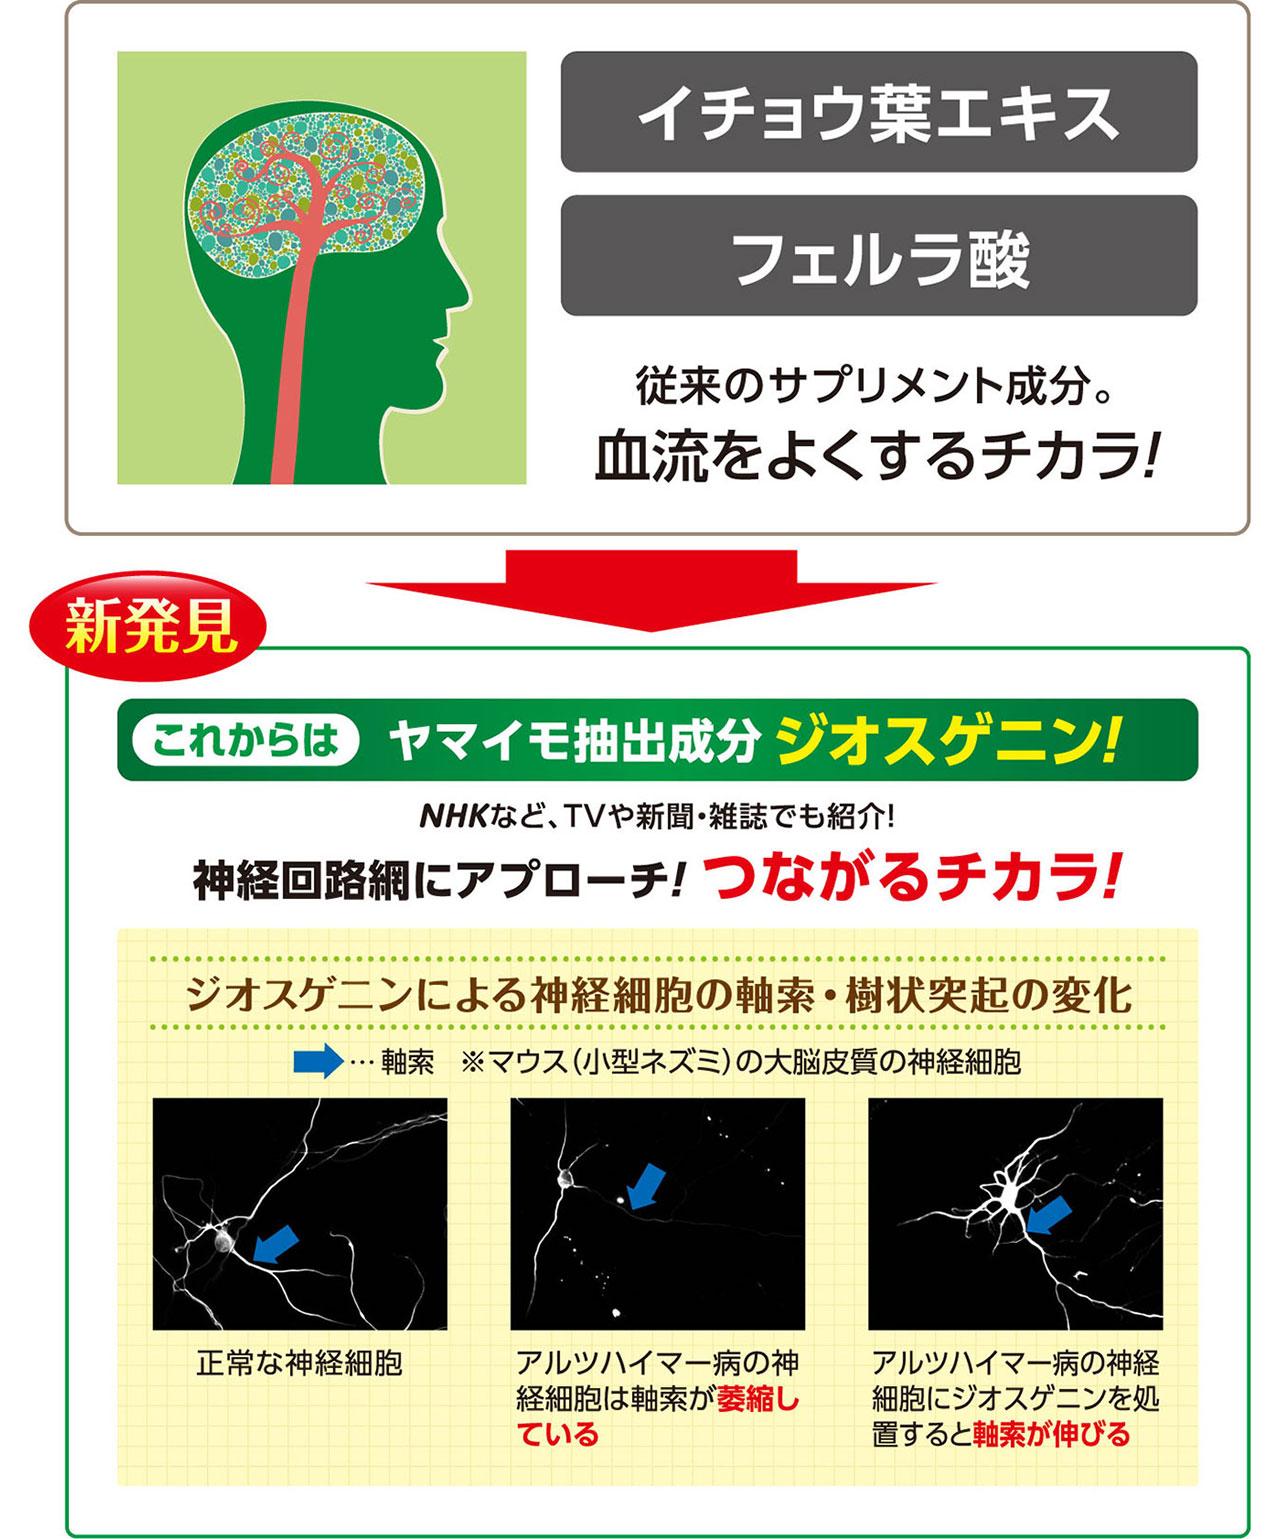 ヤマイモ抽出成分「ジオスゲニン」。神経回路網にアプローチ!つながるチカラ!